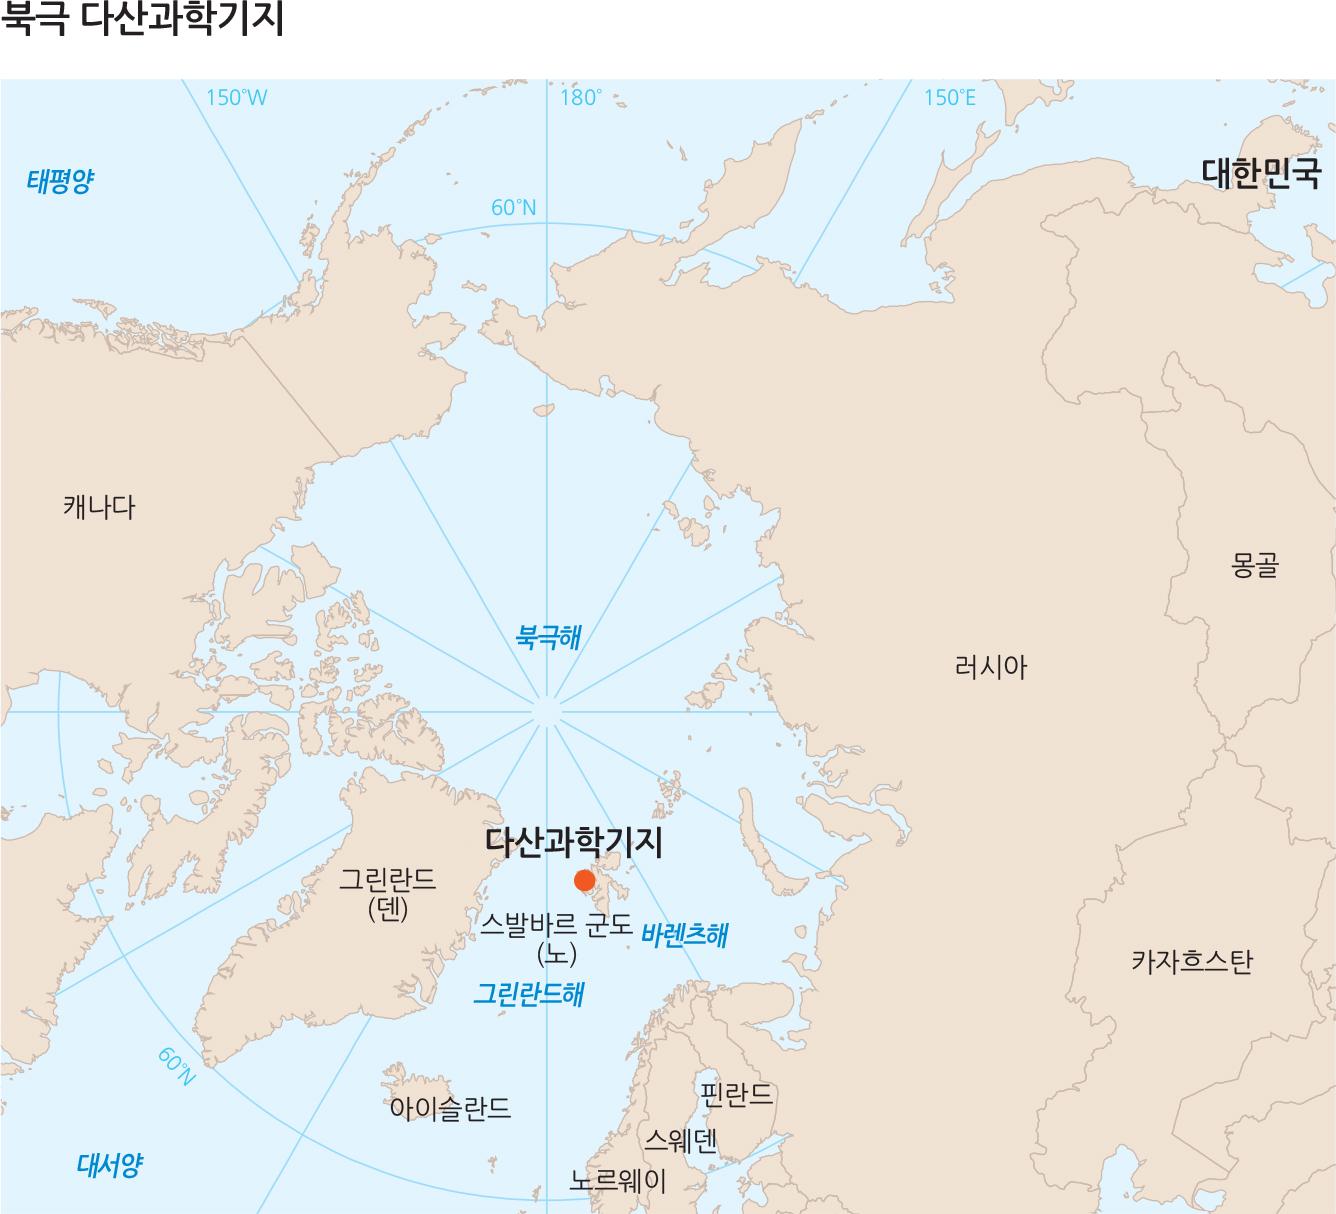 아라온호 남극 항해 경로